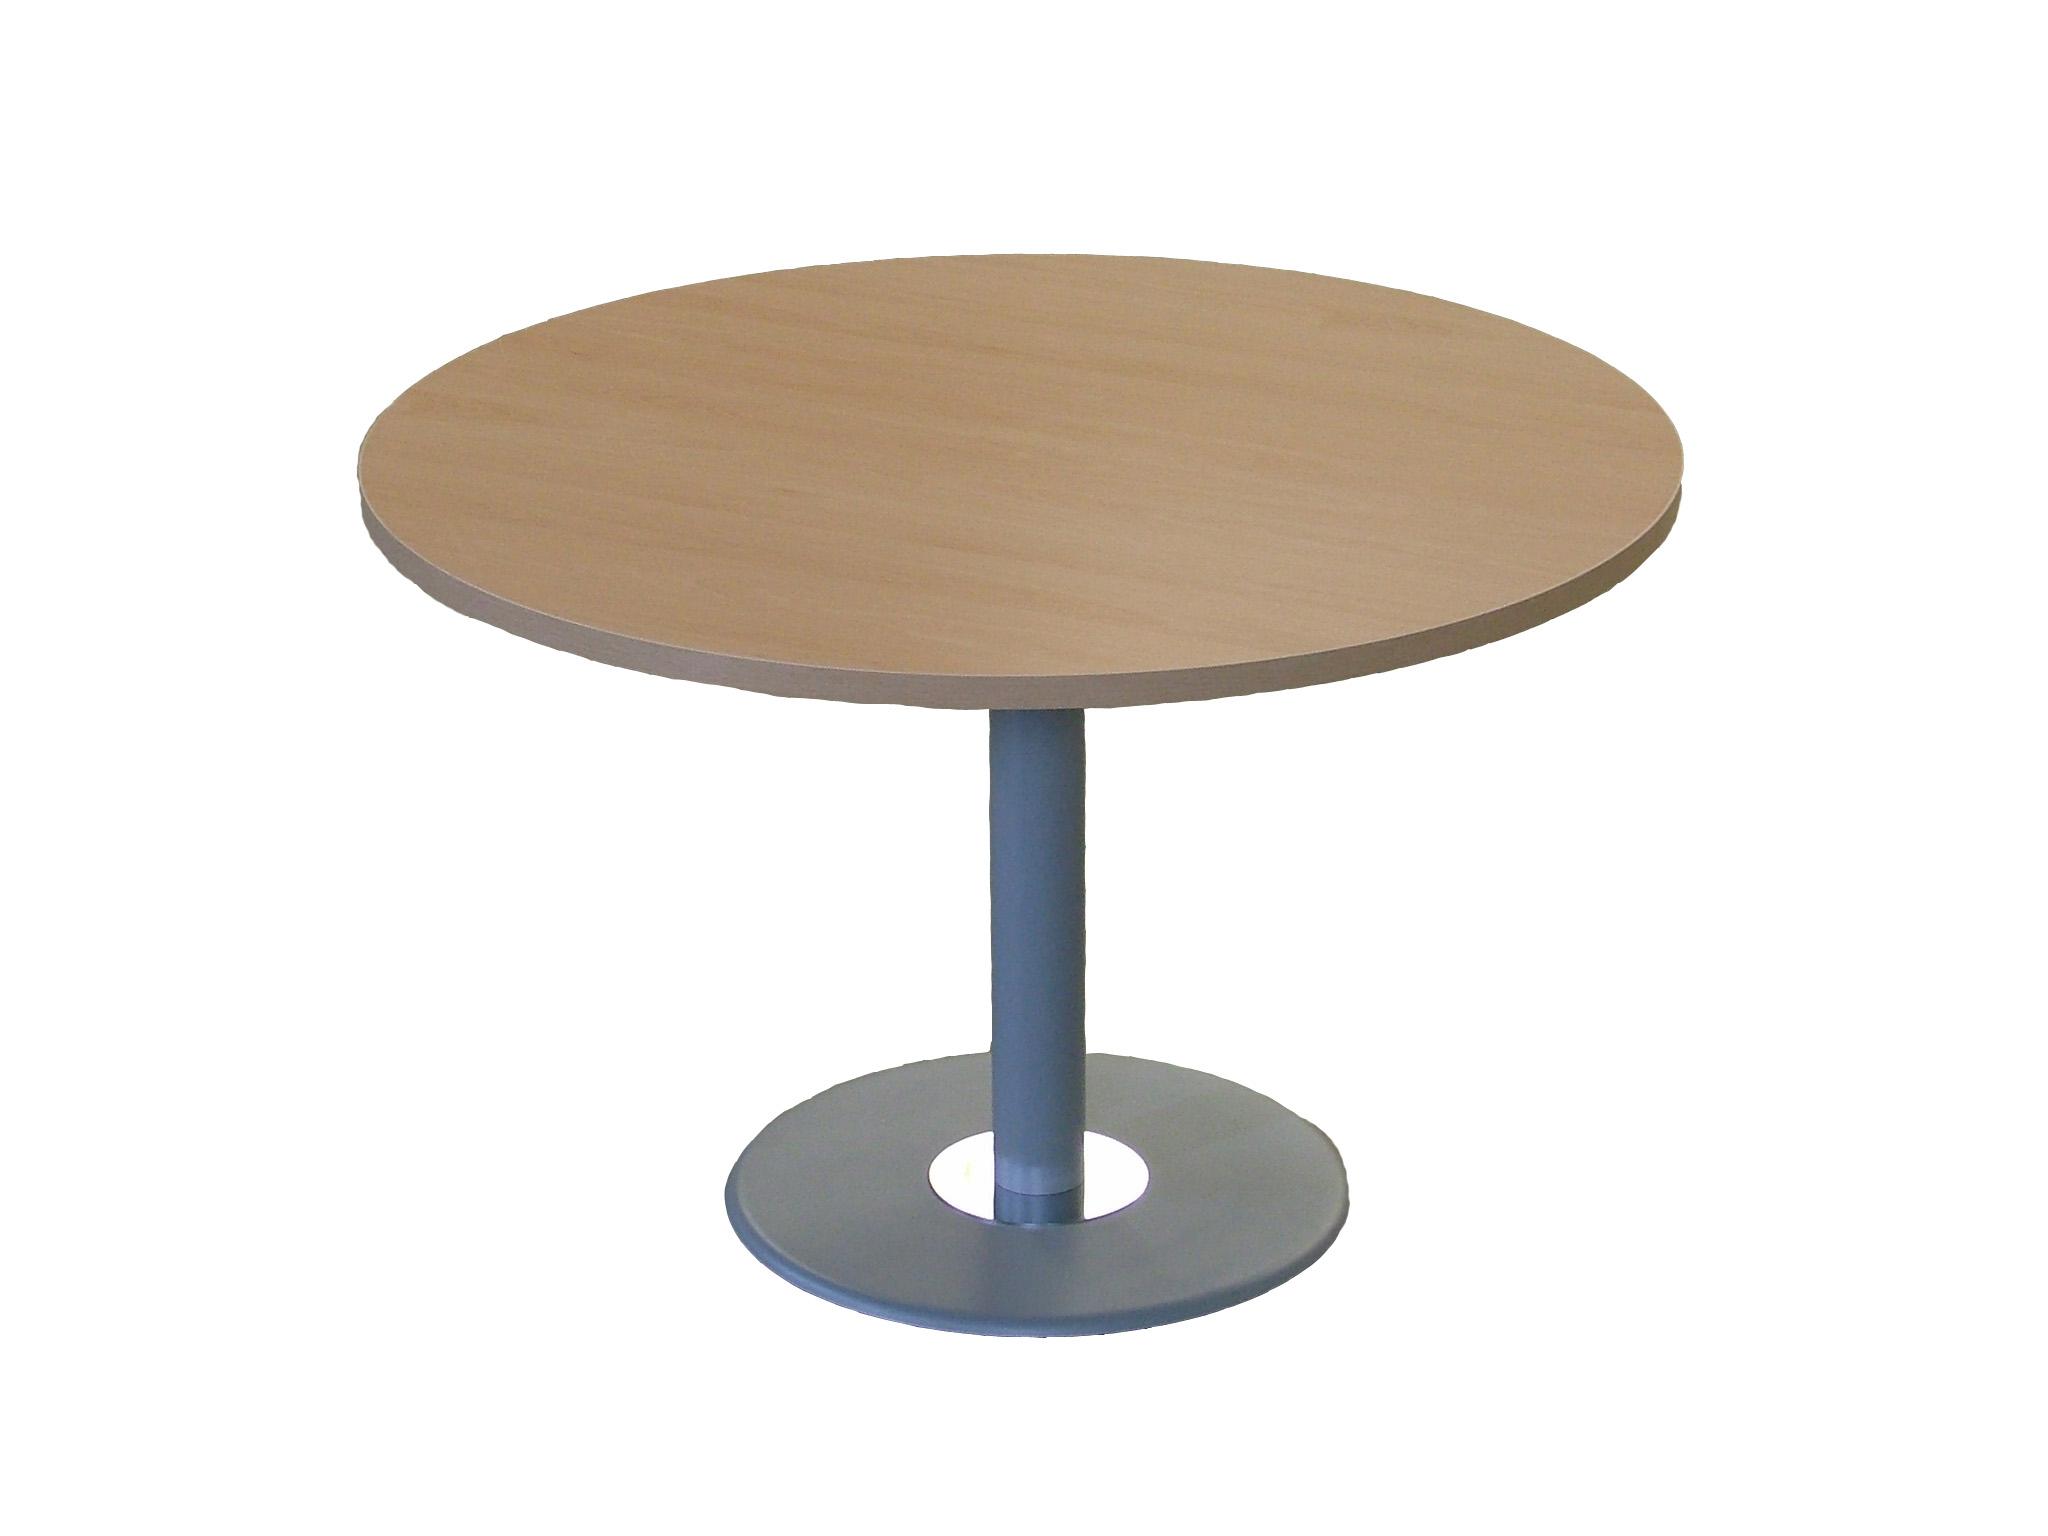 MESA REDONDA NATURAL 1_B - Solytec - Muebles de Oficina | Solytec ...